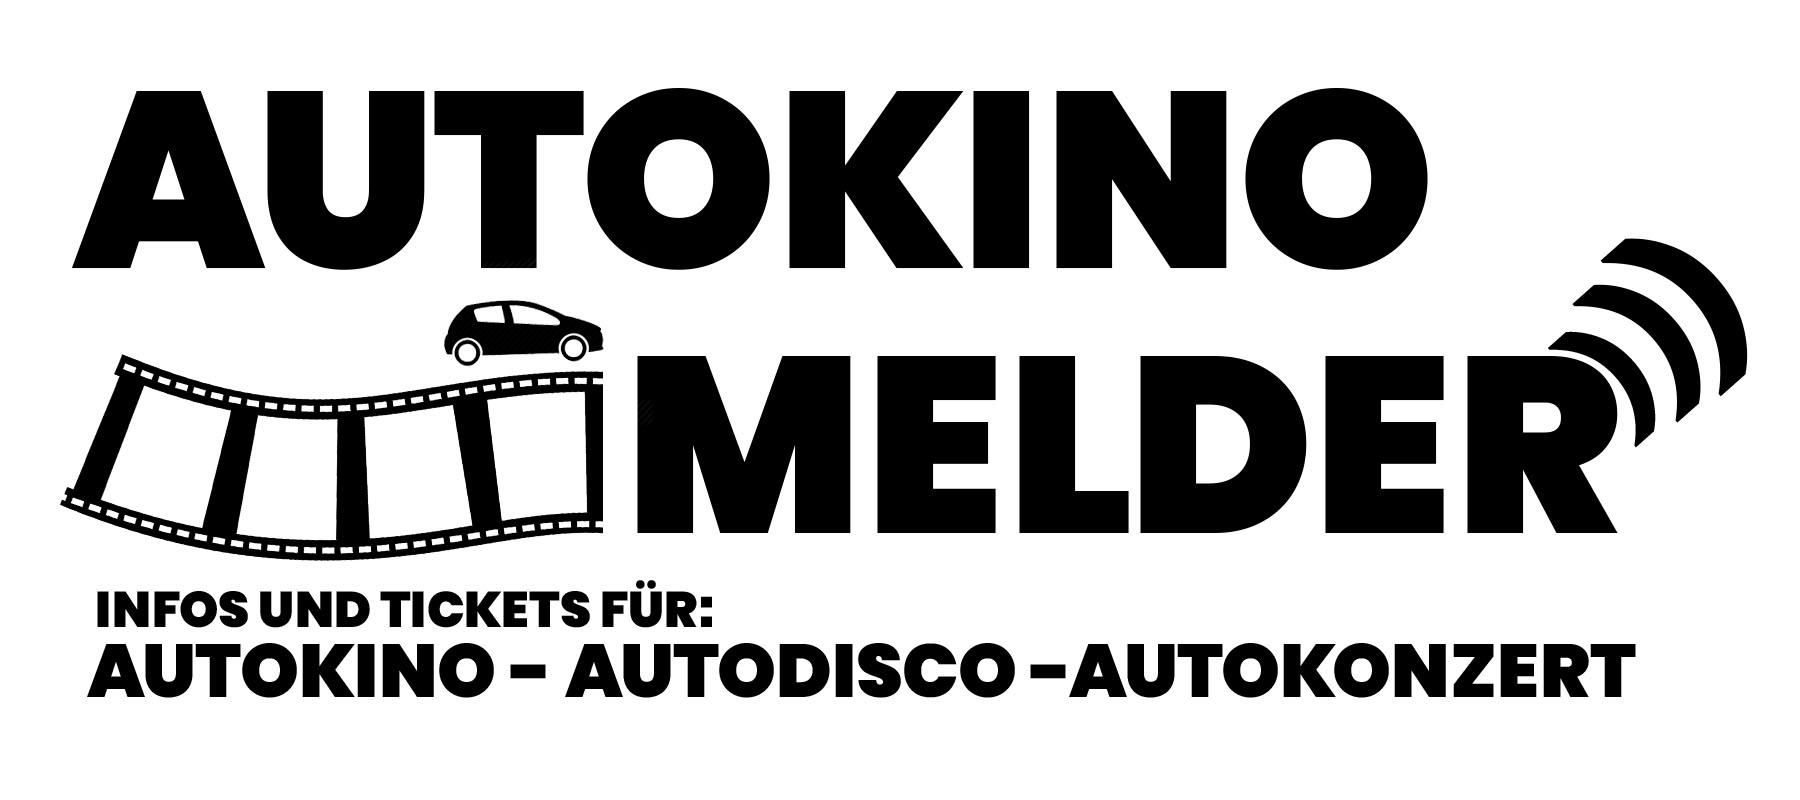 Autokino-Melder